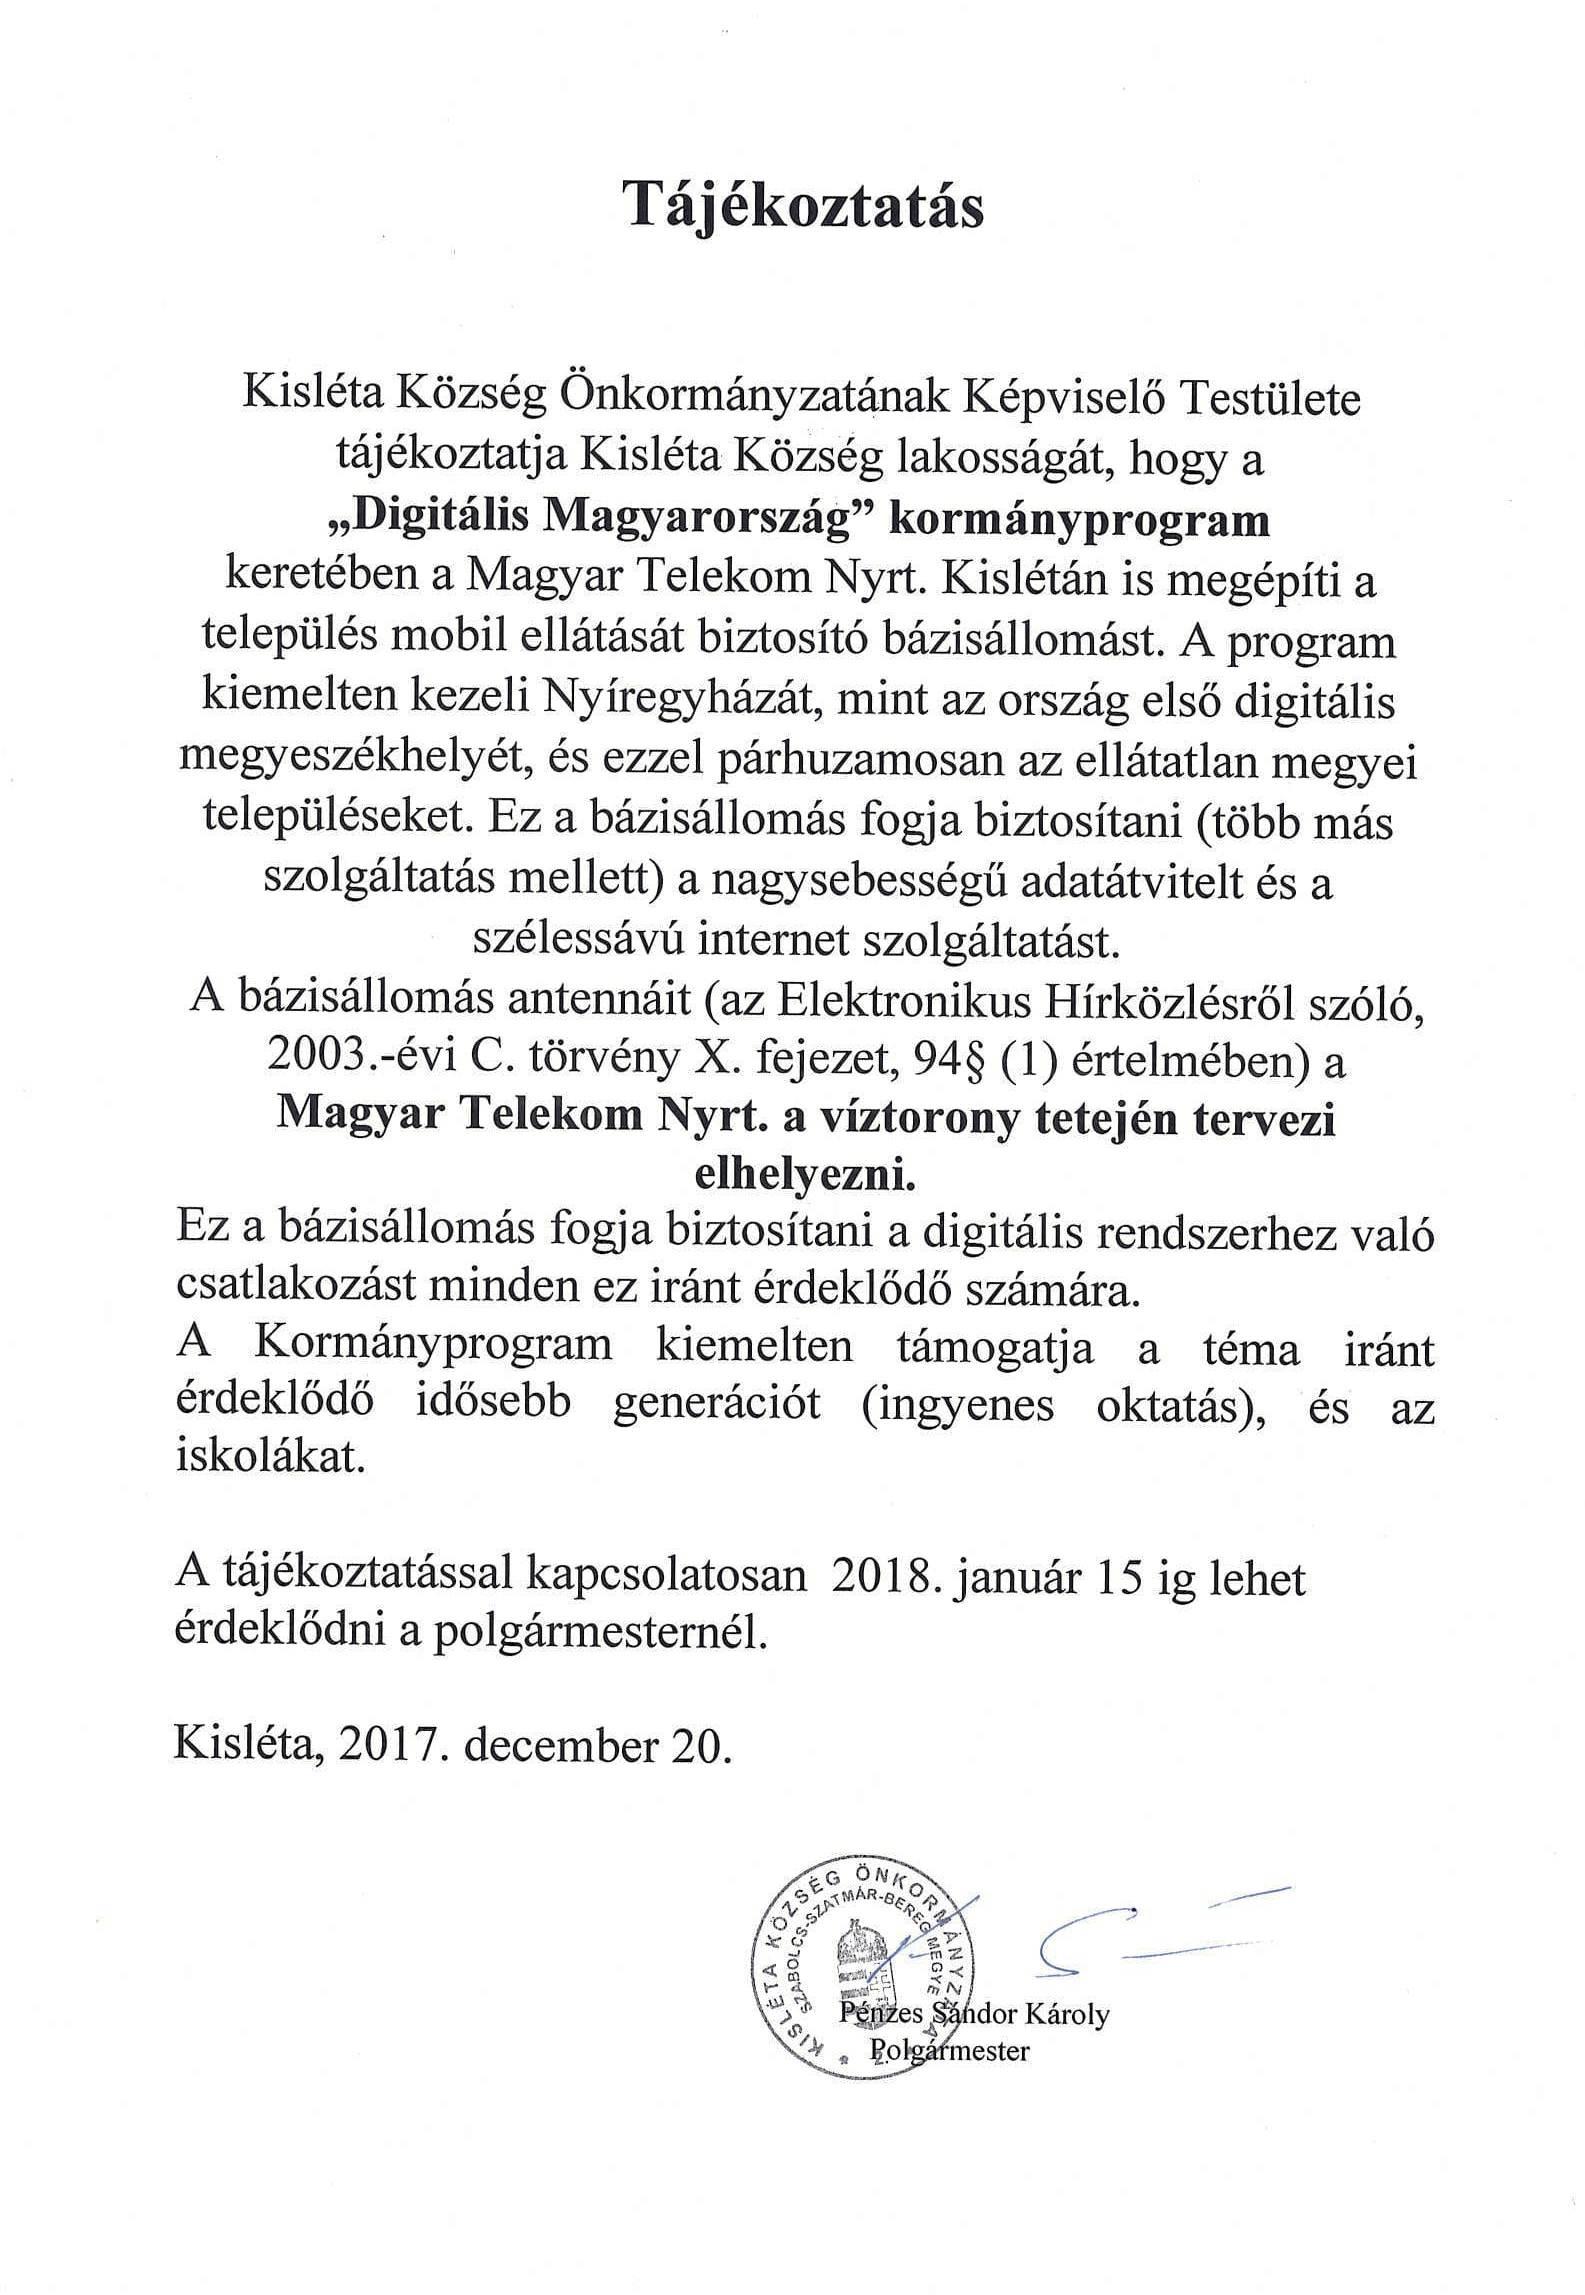 ,,Digitális Magyarország